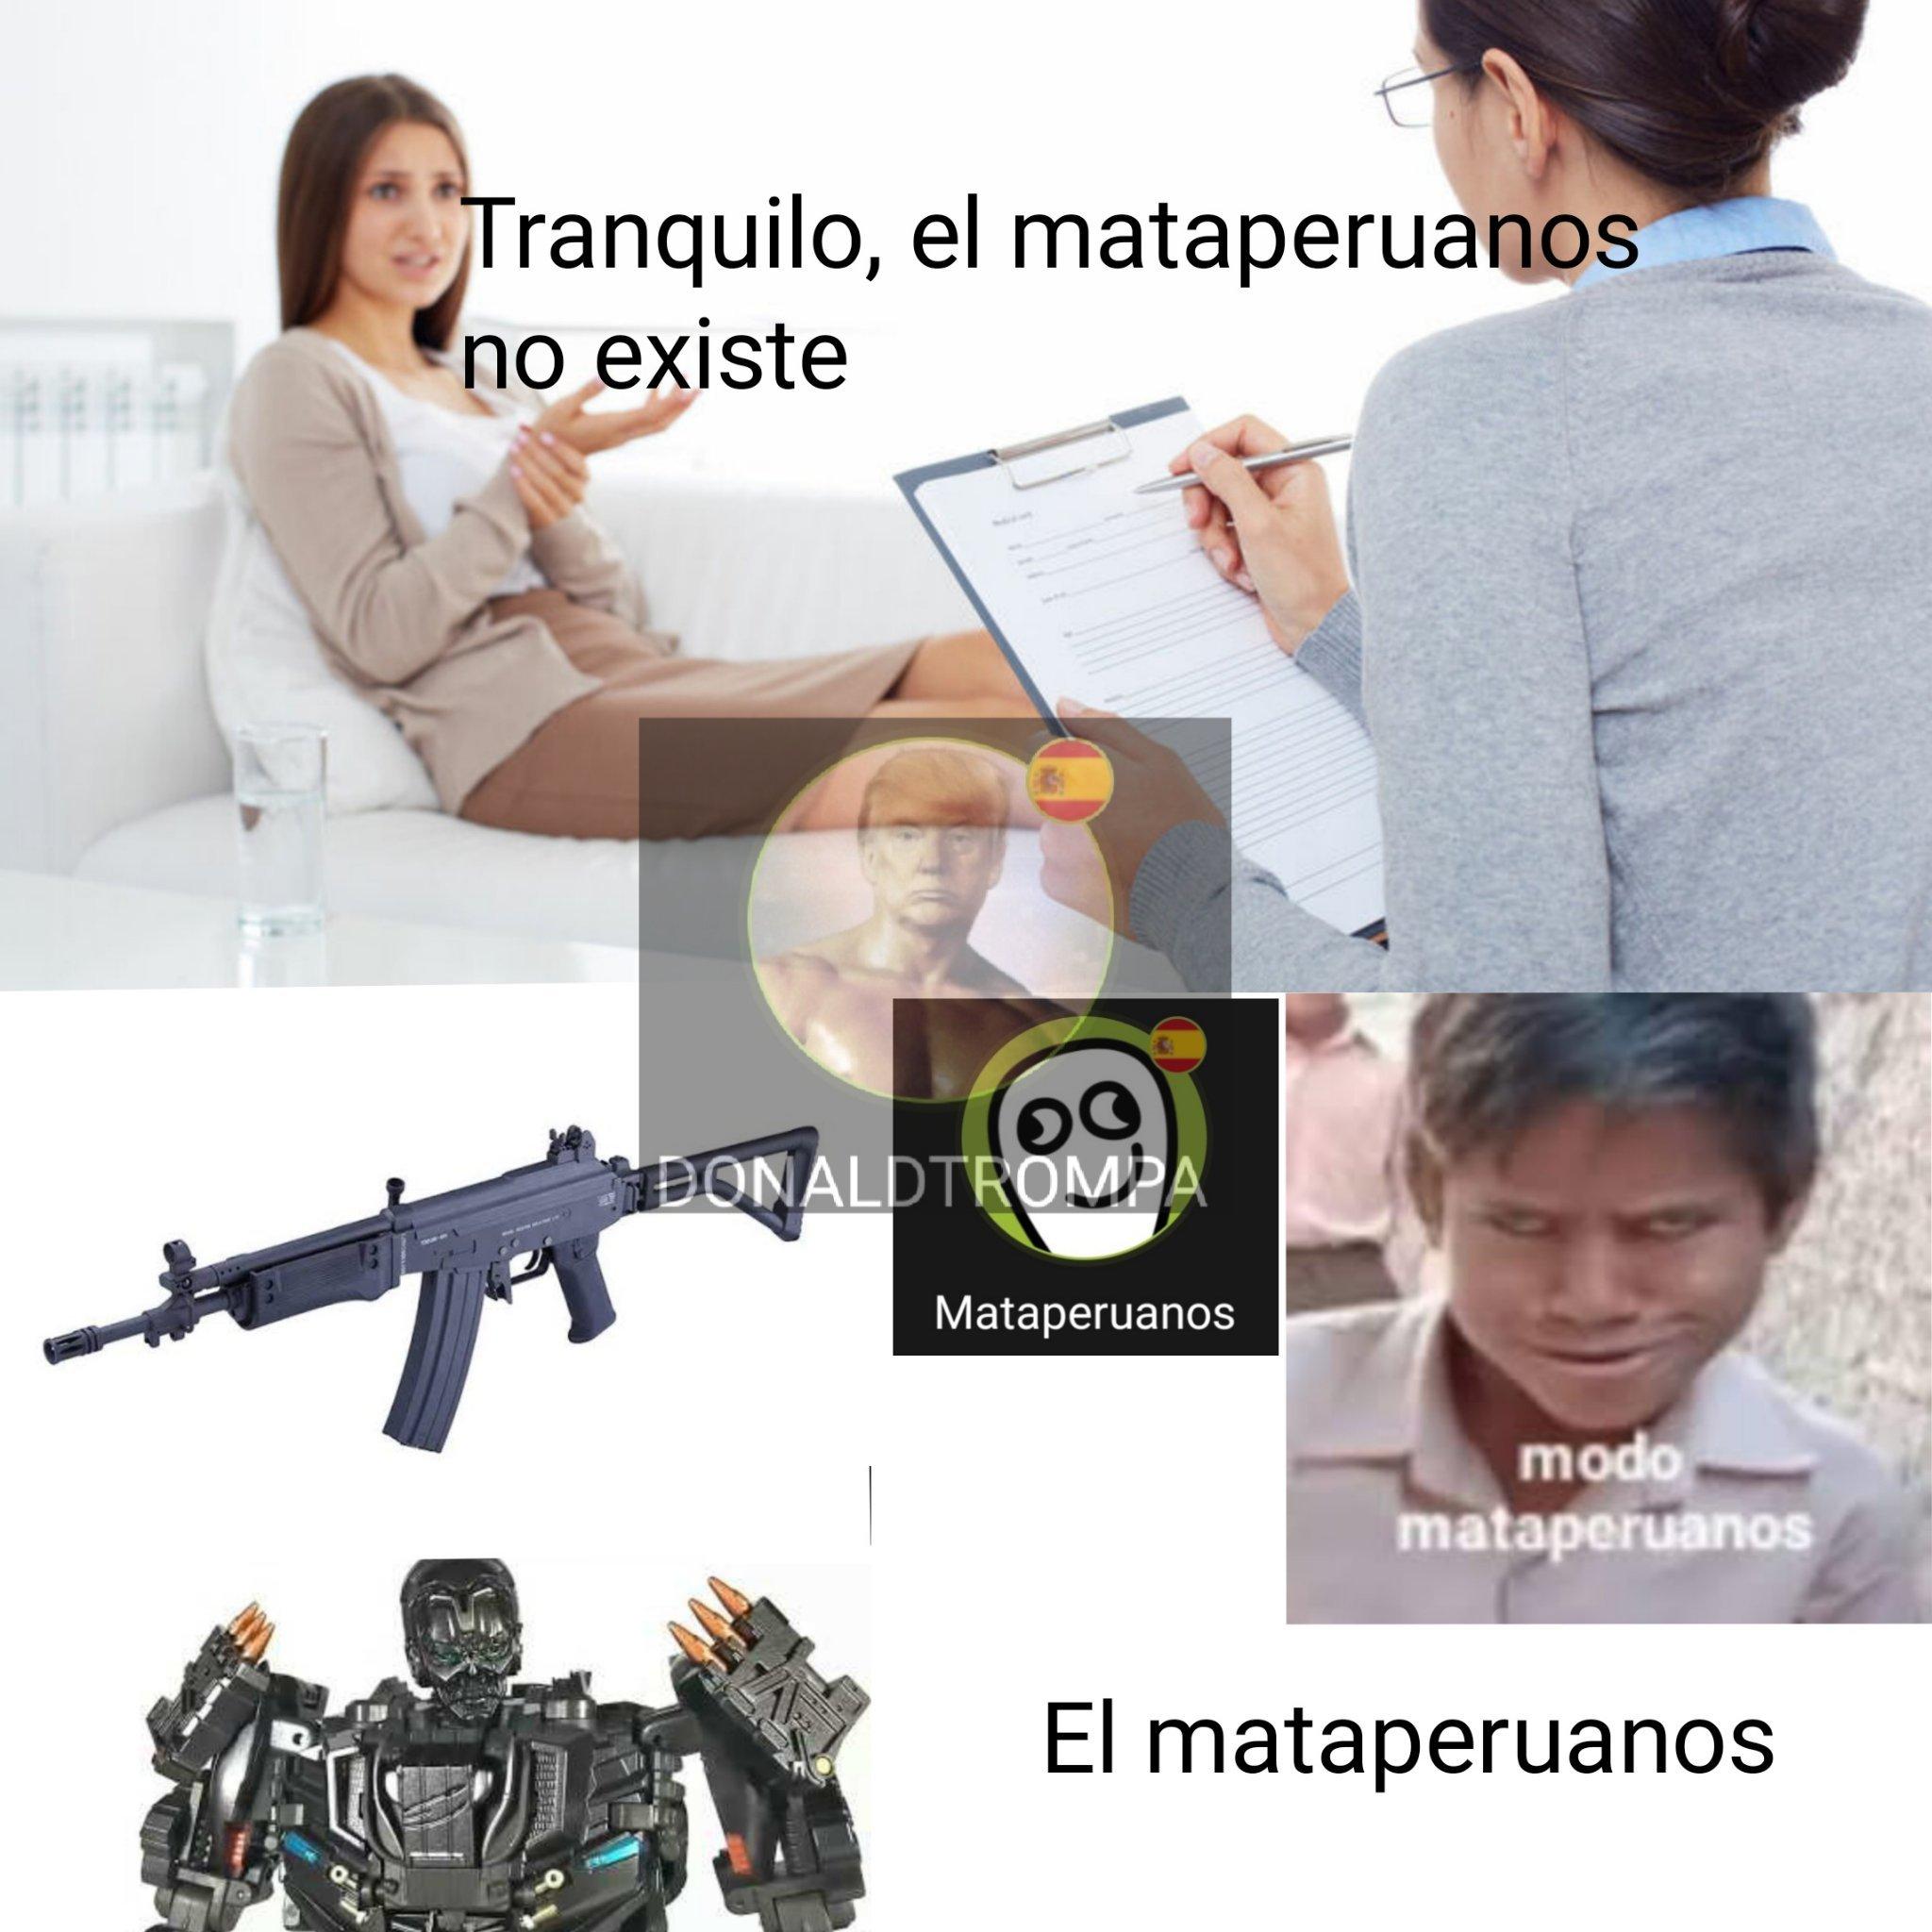 El meme fue a matar peruanos